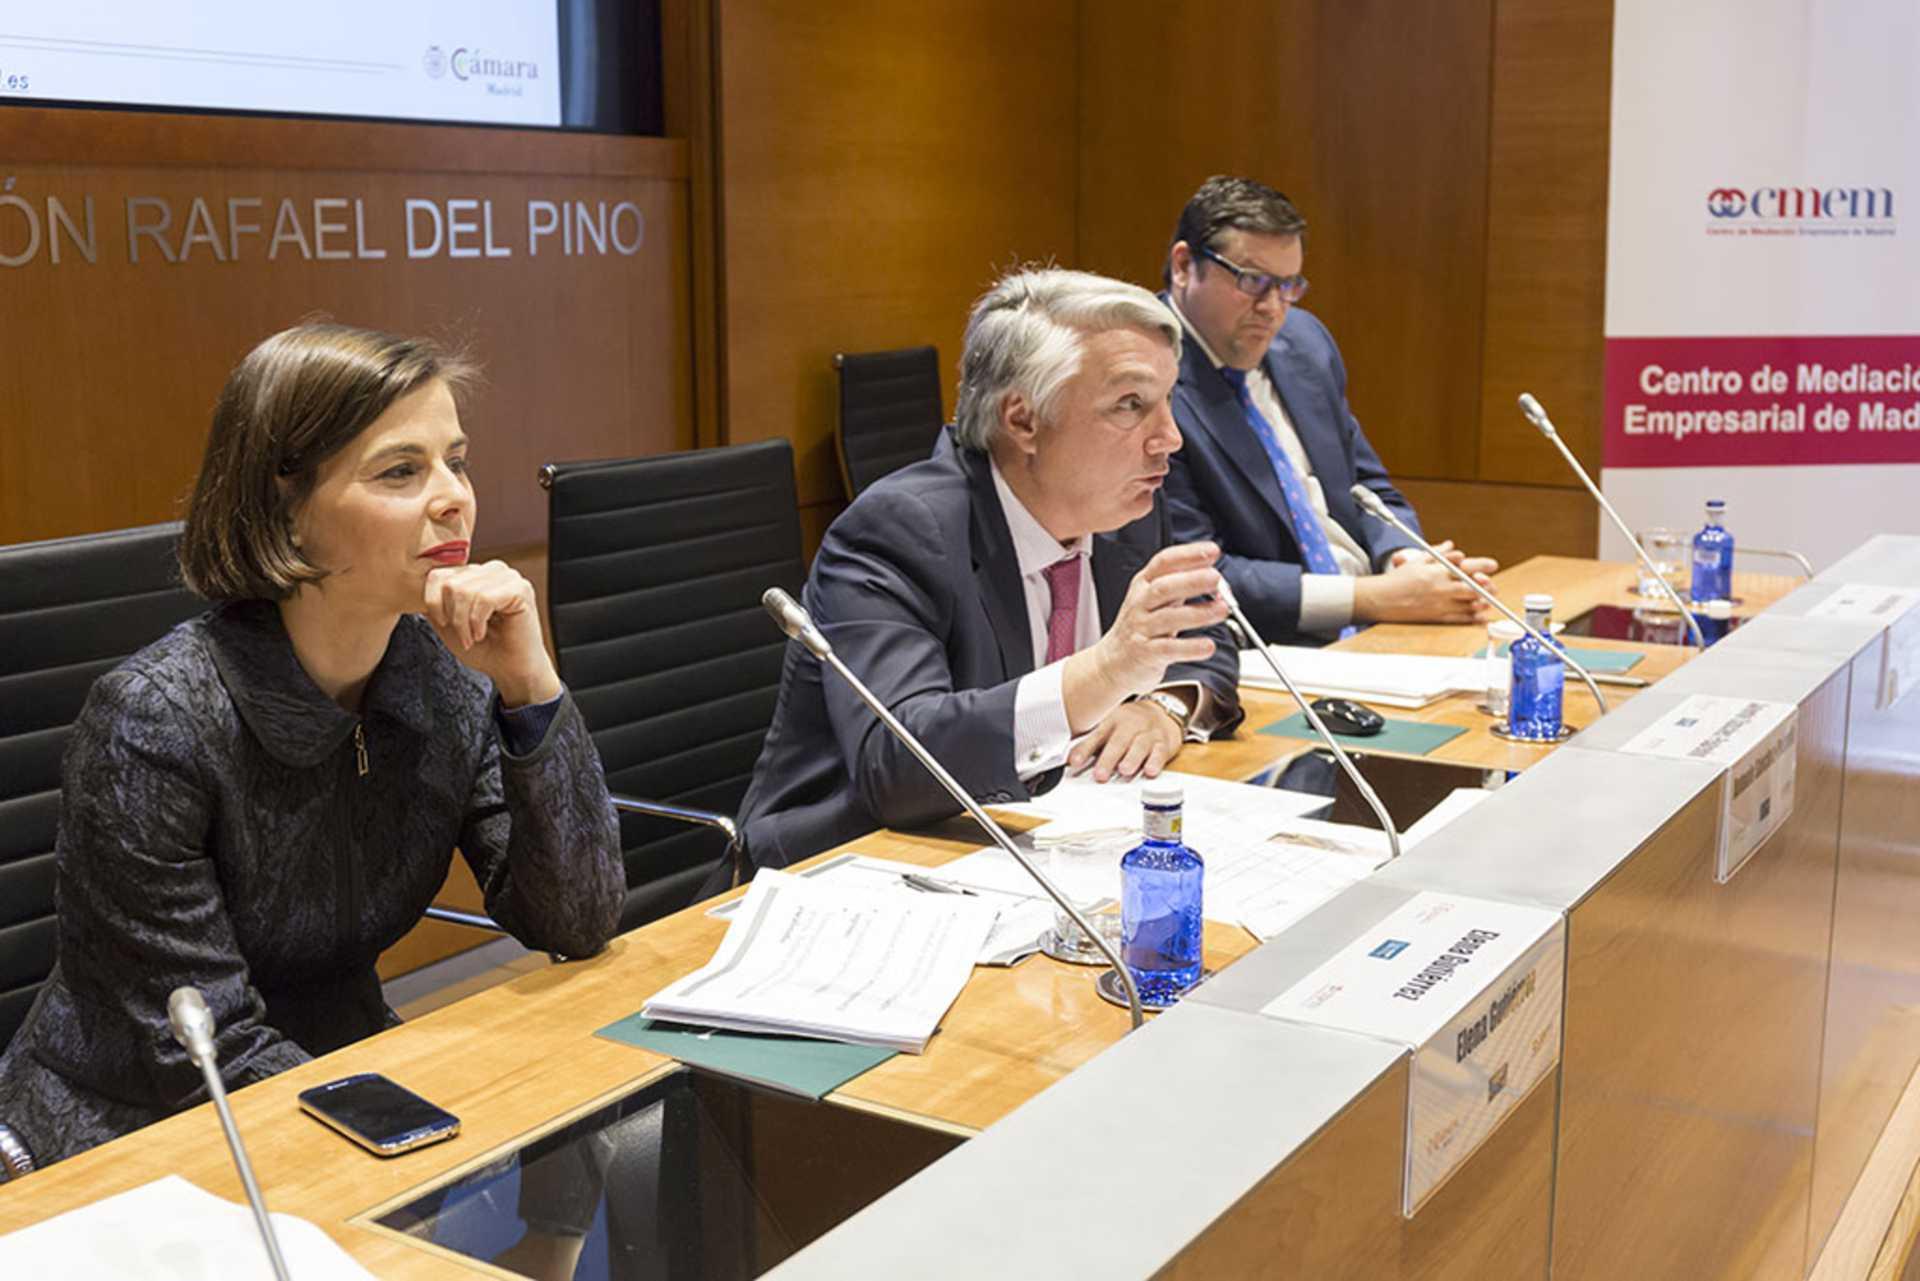 La Fundación Rafael del Pino, la Cámara Oficial de Comercio, Industria y Servicios de Madrid y el Centro de Mediación Empresarial de Madrid,celebran  acto de presentación del CENTRO DE MEDIACIÓN EMPRESARIAL DE MADRID.